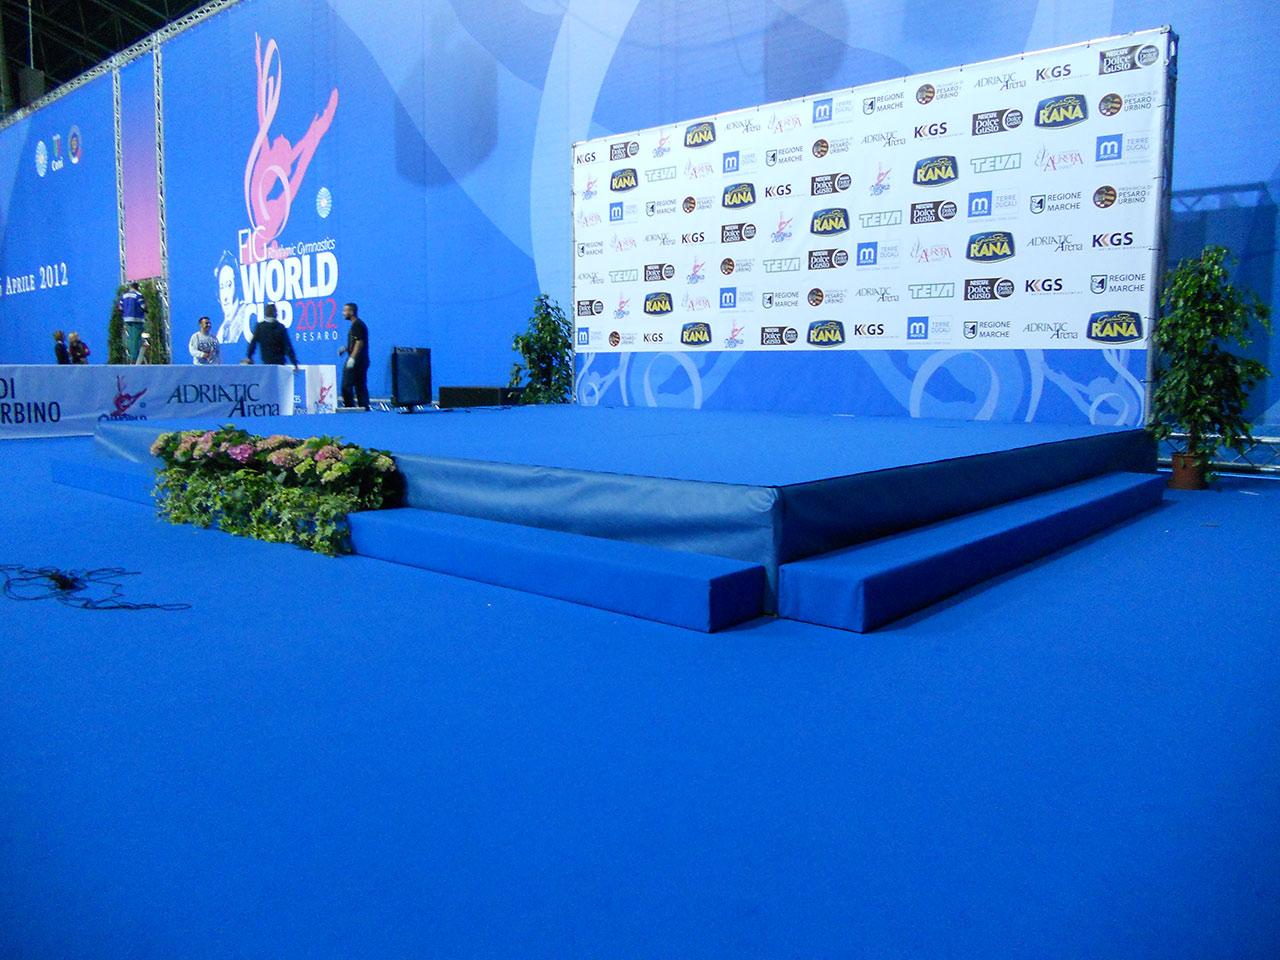 Coppa del mondo di Ginnastica Ritmica 2012